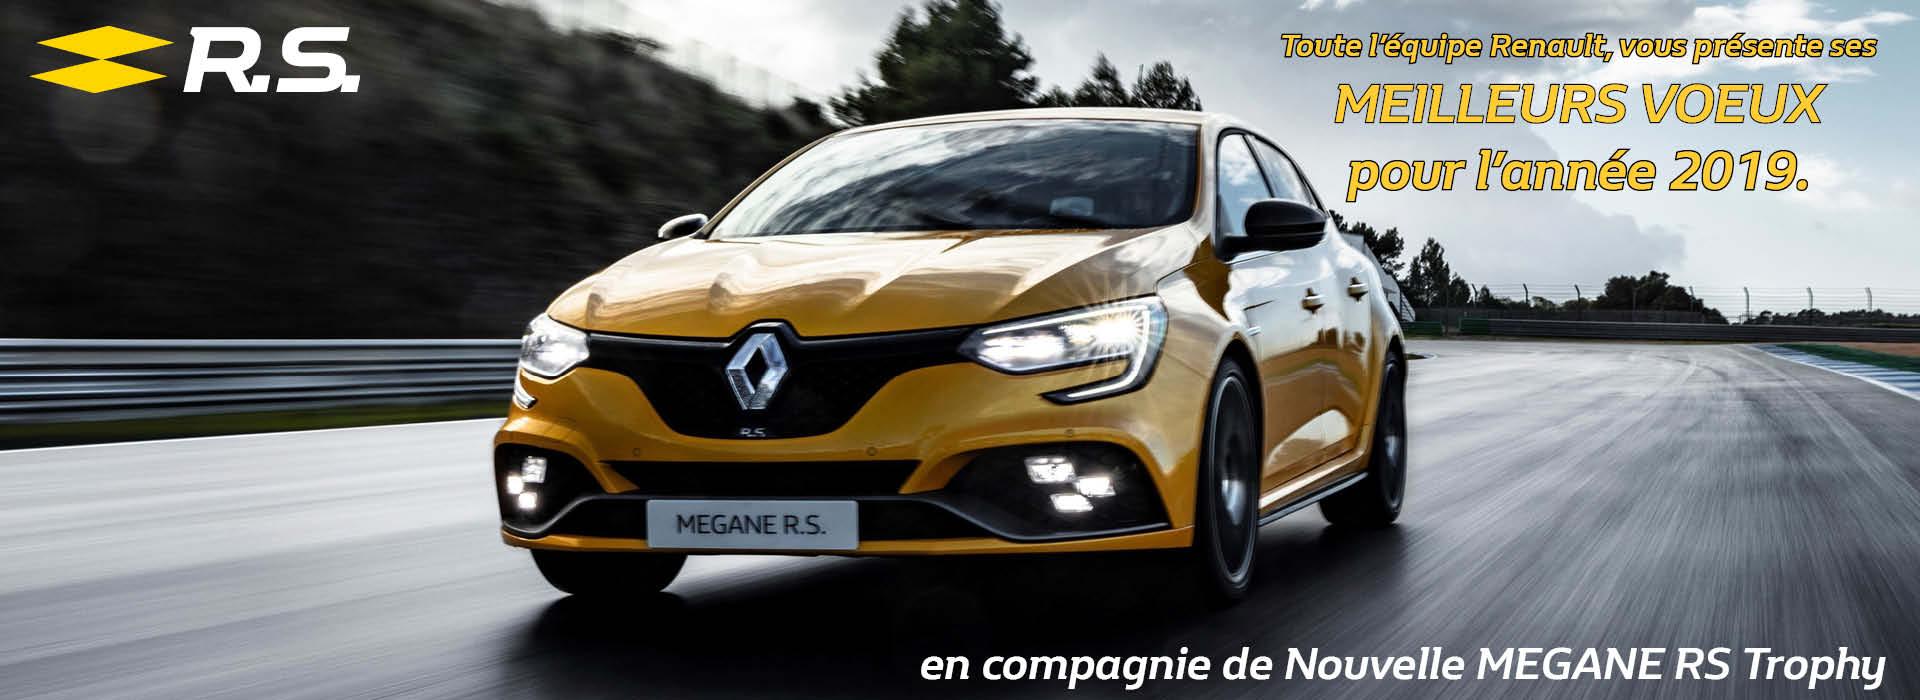 Renault Albertville Concessionnaire Garage Savoie 73